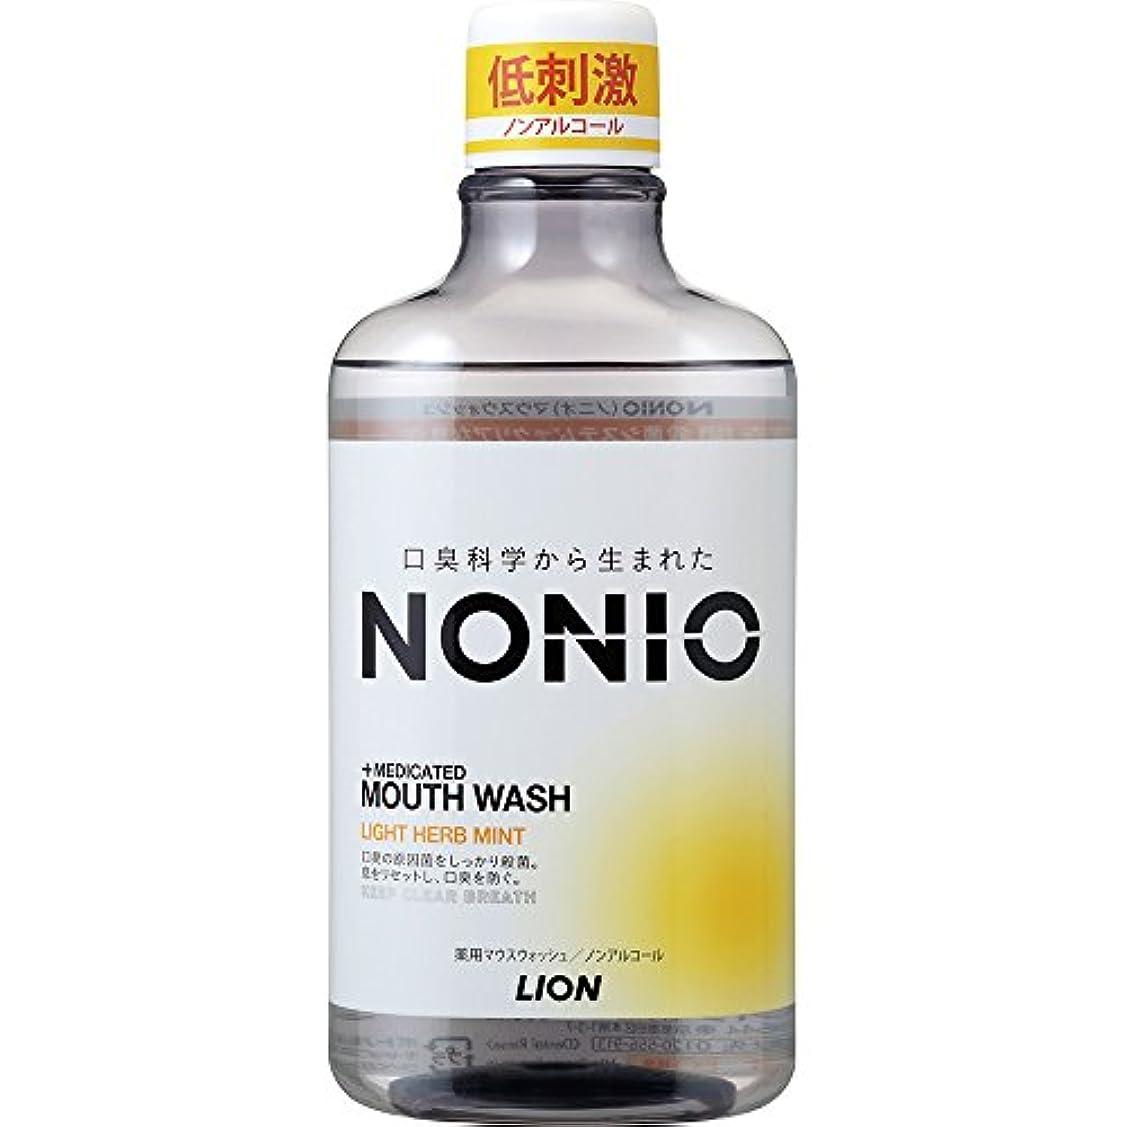 移動反発材料[医薬部外品]NONIO マウスウォッシュ ノンアルコール ライトハーブミント 600ml 洗口液